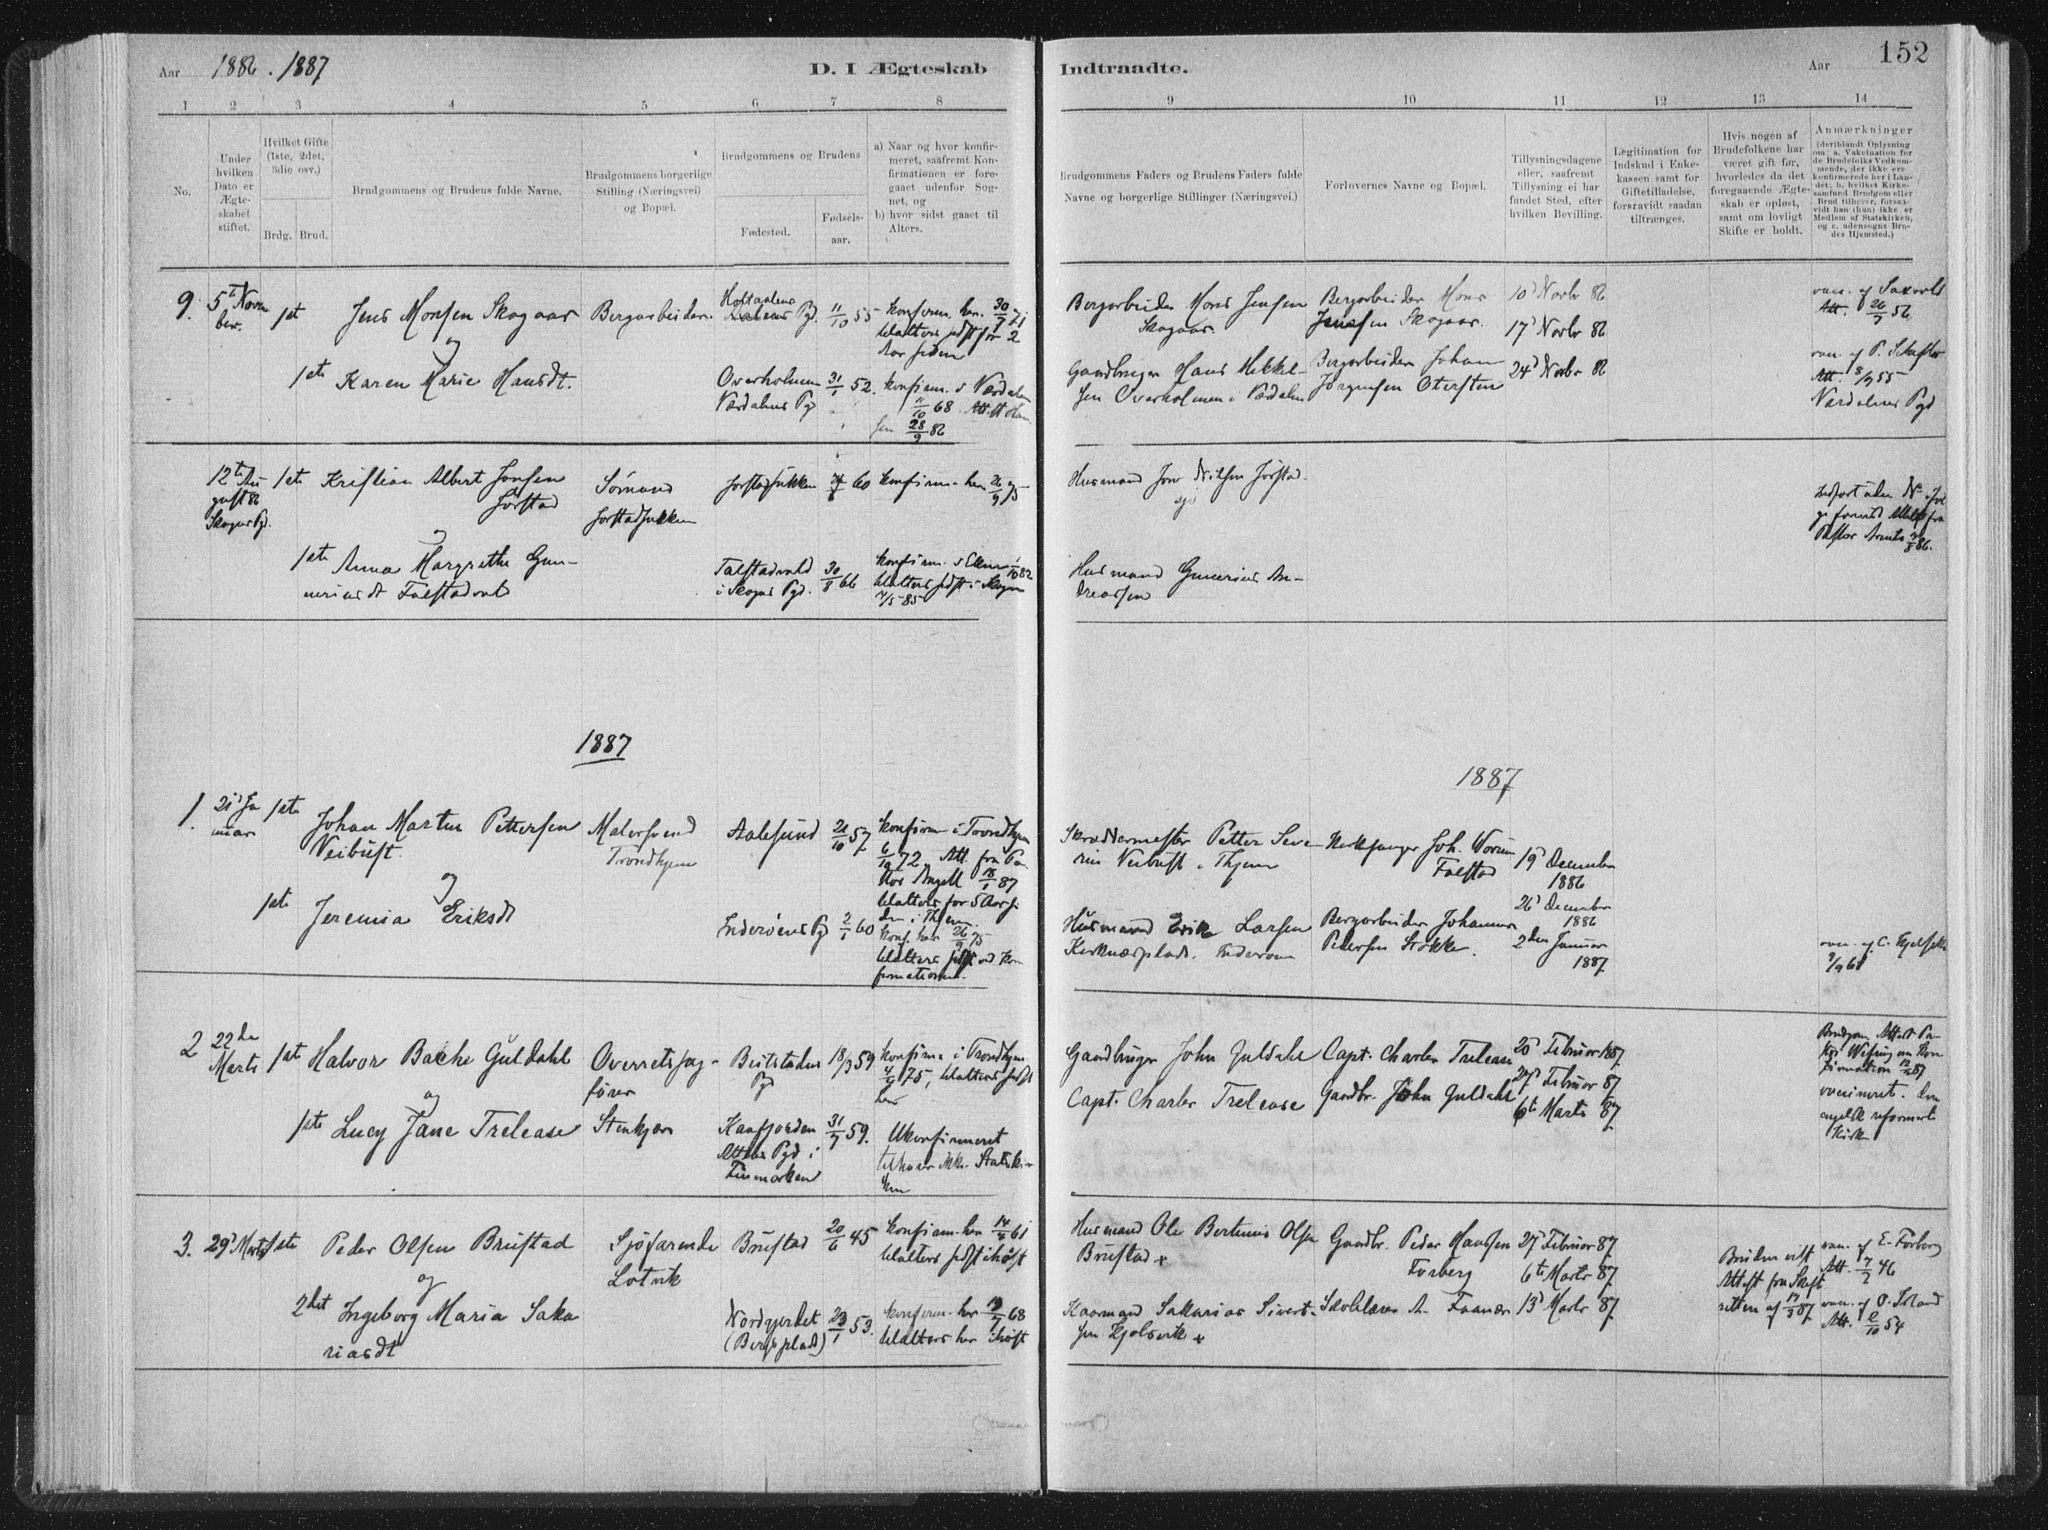 SAT, Ministerialprotokoller, klokkerbøker og fødselsregistre - Nord-Trøndelag, 722/L0220: Ministerialbok nr. 722A07, 1881-1908, s. 152